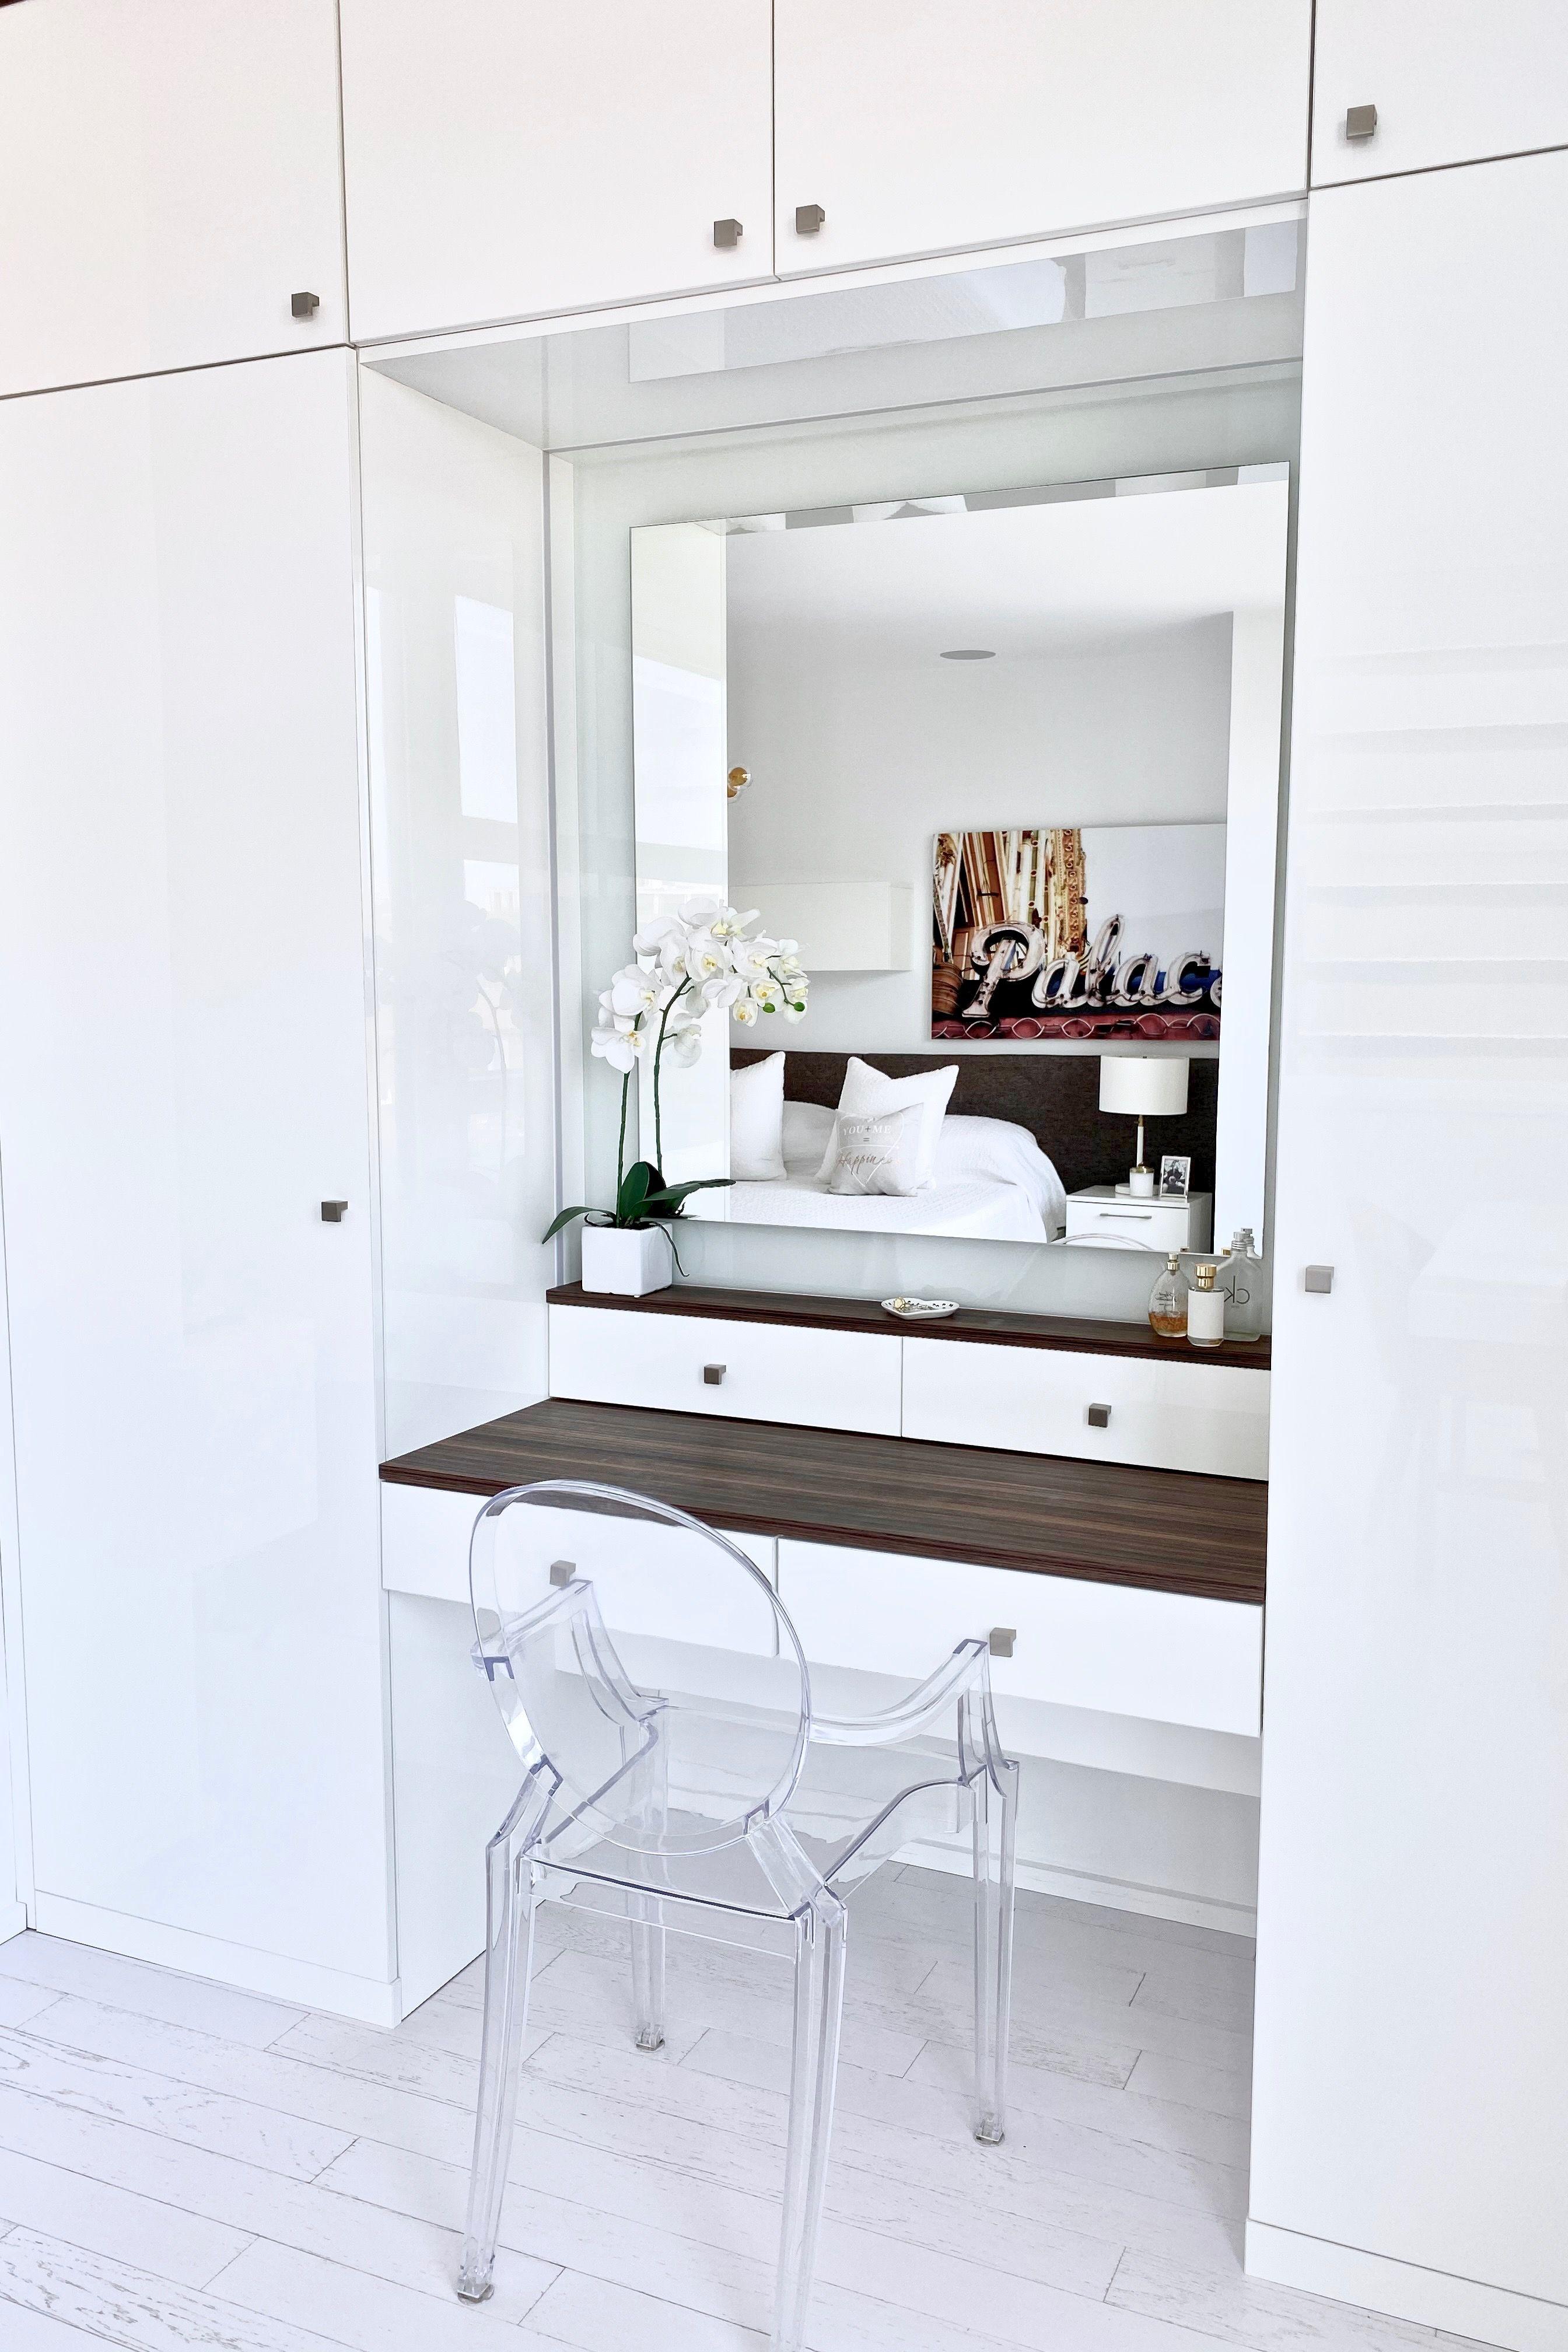 Built In Master Bedroom Makeup Vanity In 2020 Built In Bedroom Cabinets Bedroom Wall Designs Bedroom Makeup Vanity